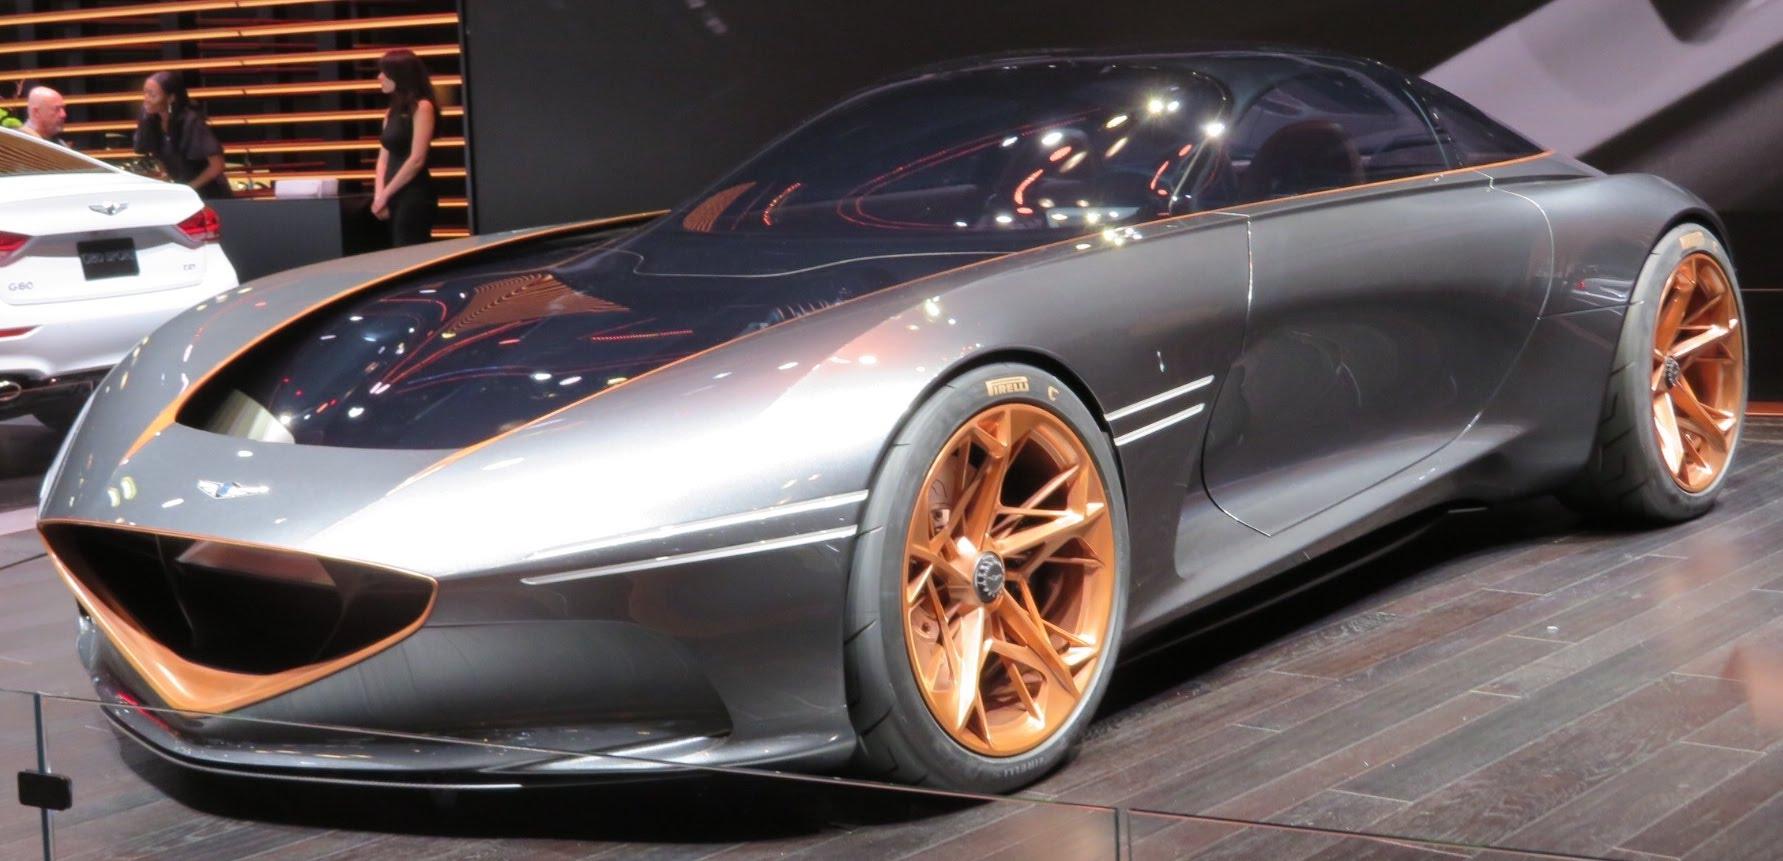 Лучшие автомобили корейского производства, которые догоняют немецких производителей  3